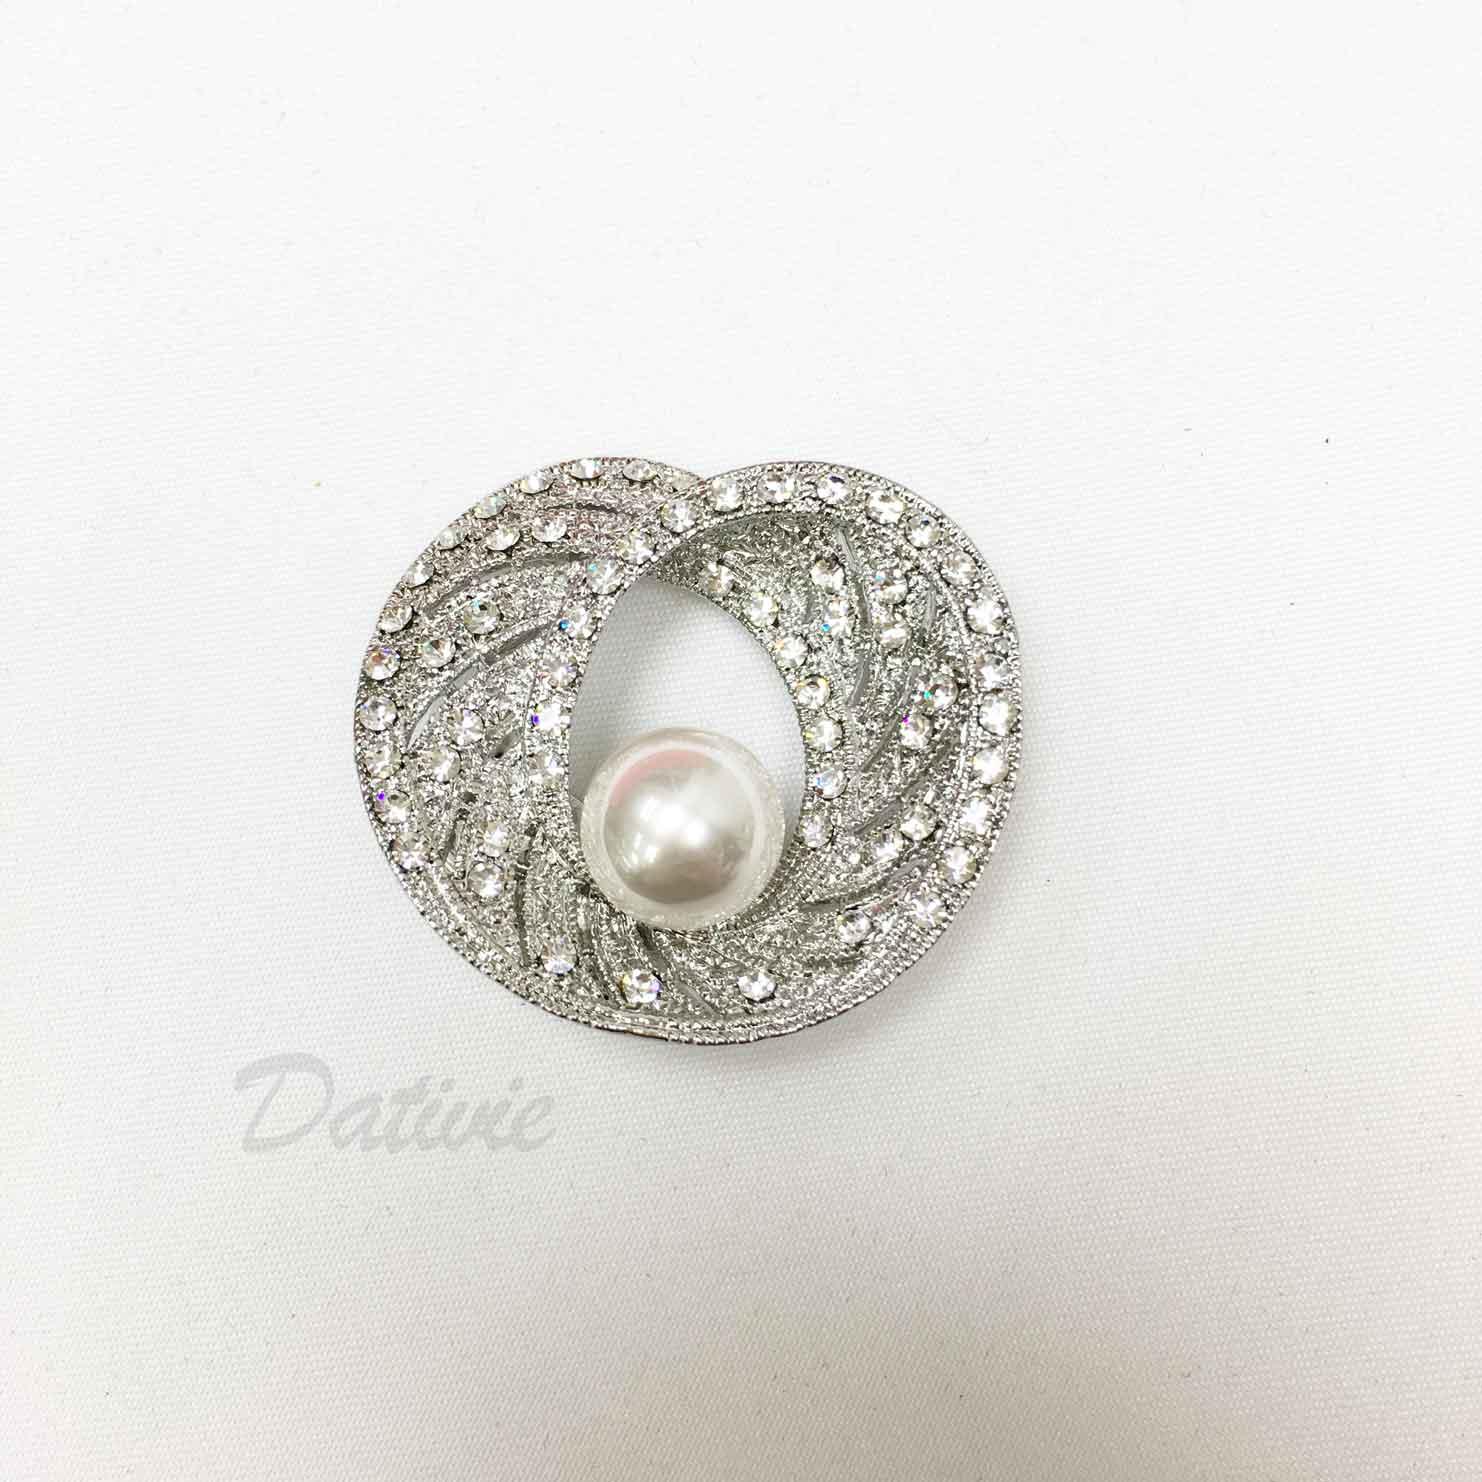 圖騰 紋路 花紋 水鑽 珍珠 絲巾夾 領巾夾